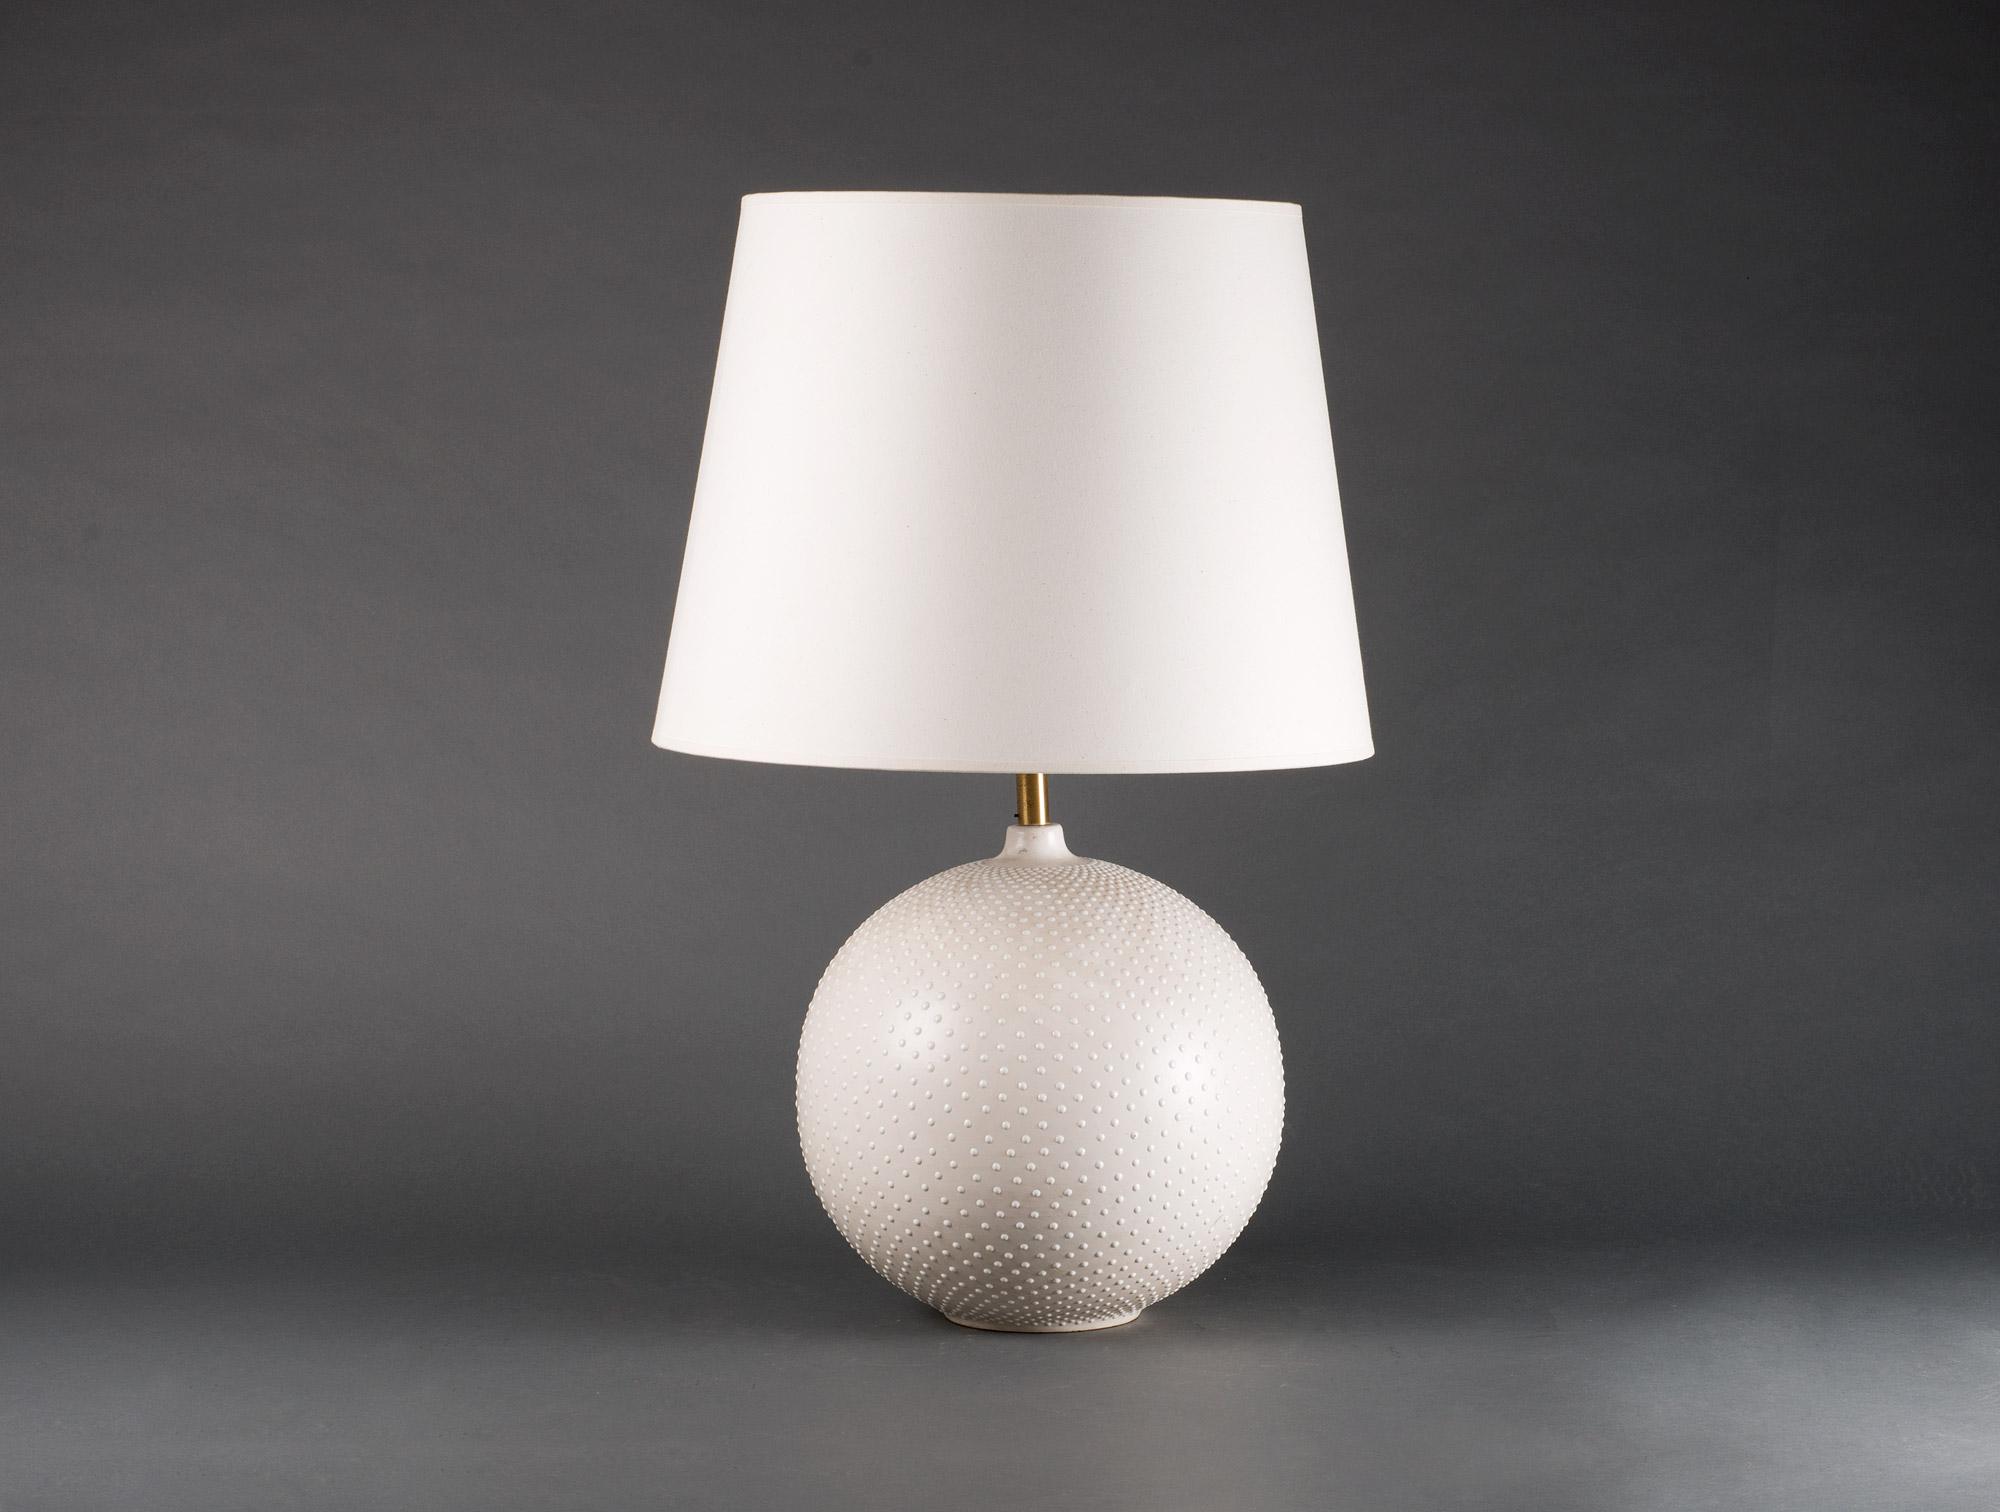 lampe blanche pied boule 75 cm soubrier louer luminaires lampe xxe. Black Bedroom Furniture Sets. Home Design Ideas